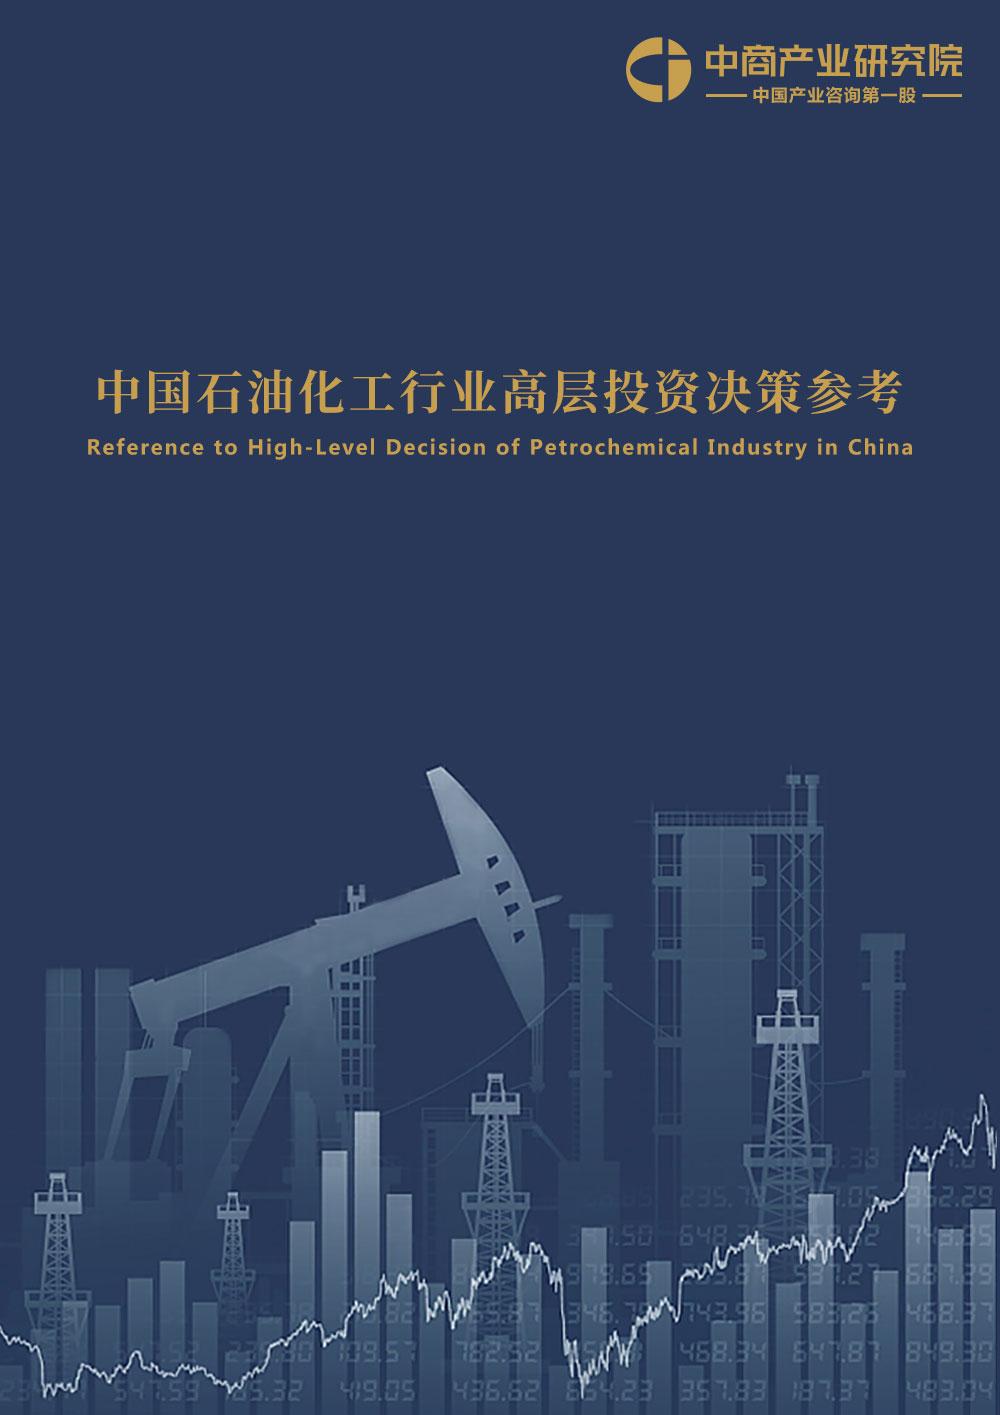 中国石油化工行业投资决策参考(2019年4月)